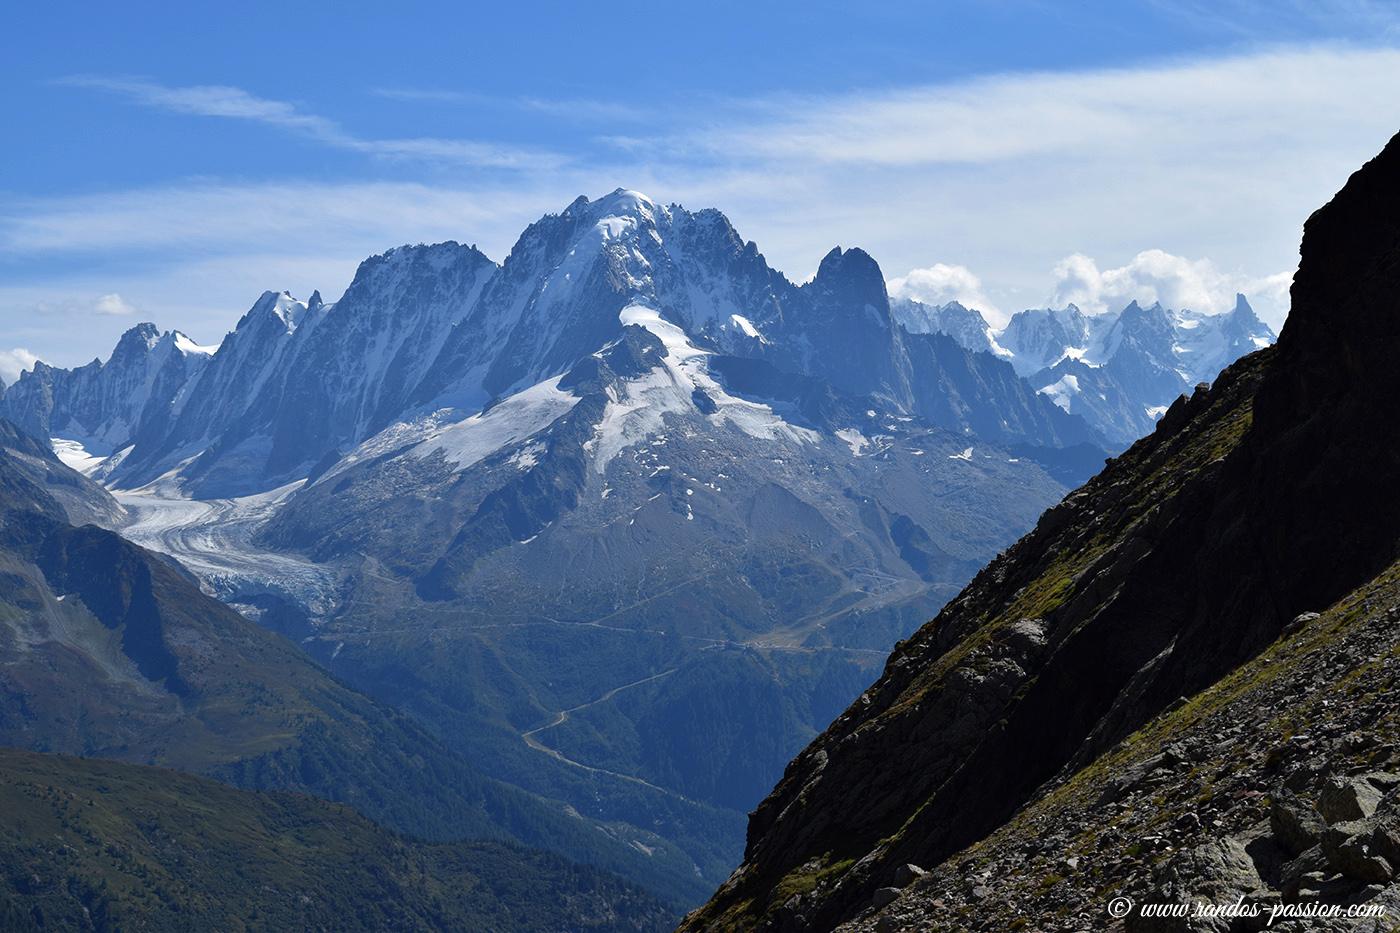 L'Aiguille Verte (4122m) et les Drus (3754m)